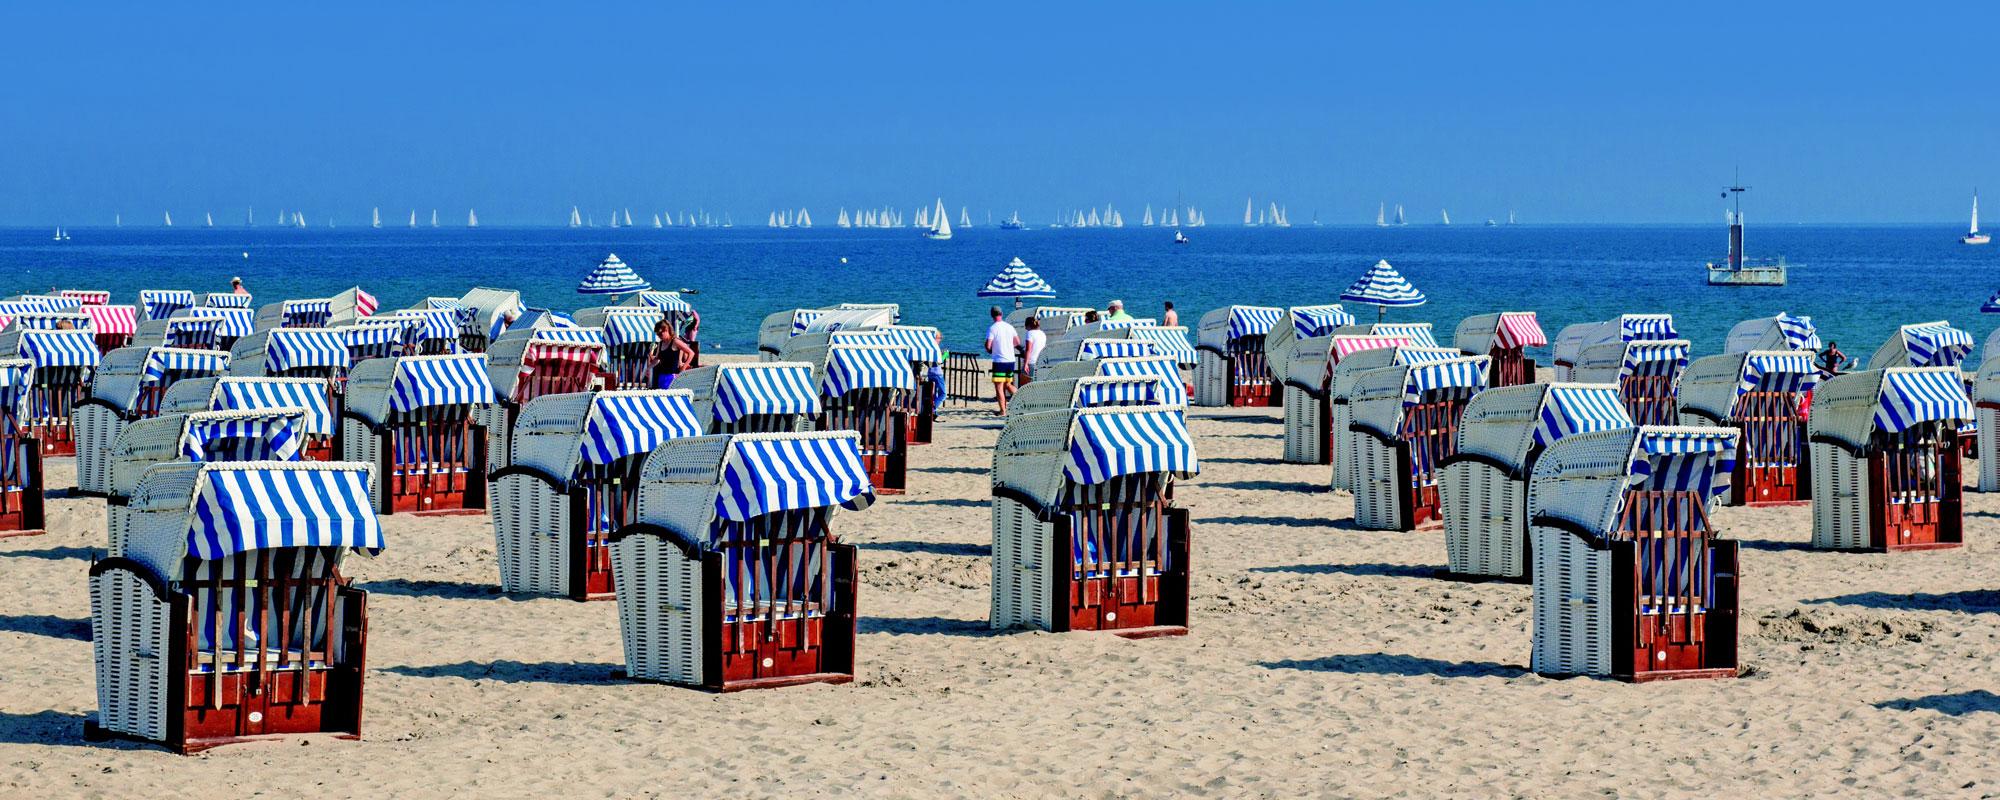 Motiv: Gastgeber - Hotels, Pensionen, Ferienwohnungen und Ferienhäser für Ihre entspannte und erholsame Urlaubsreise